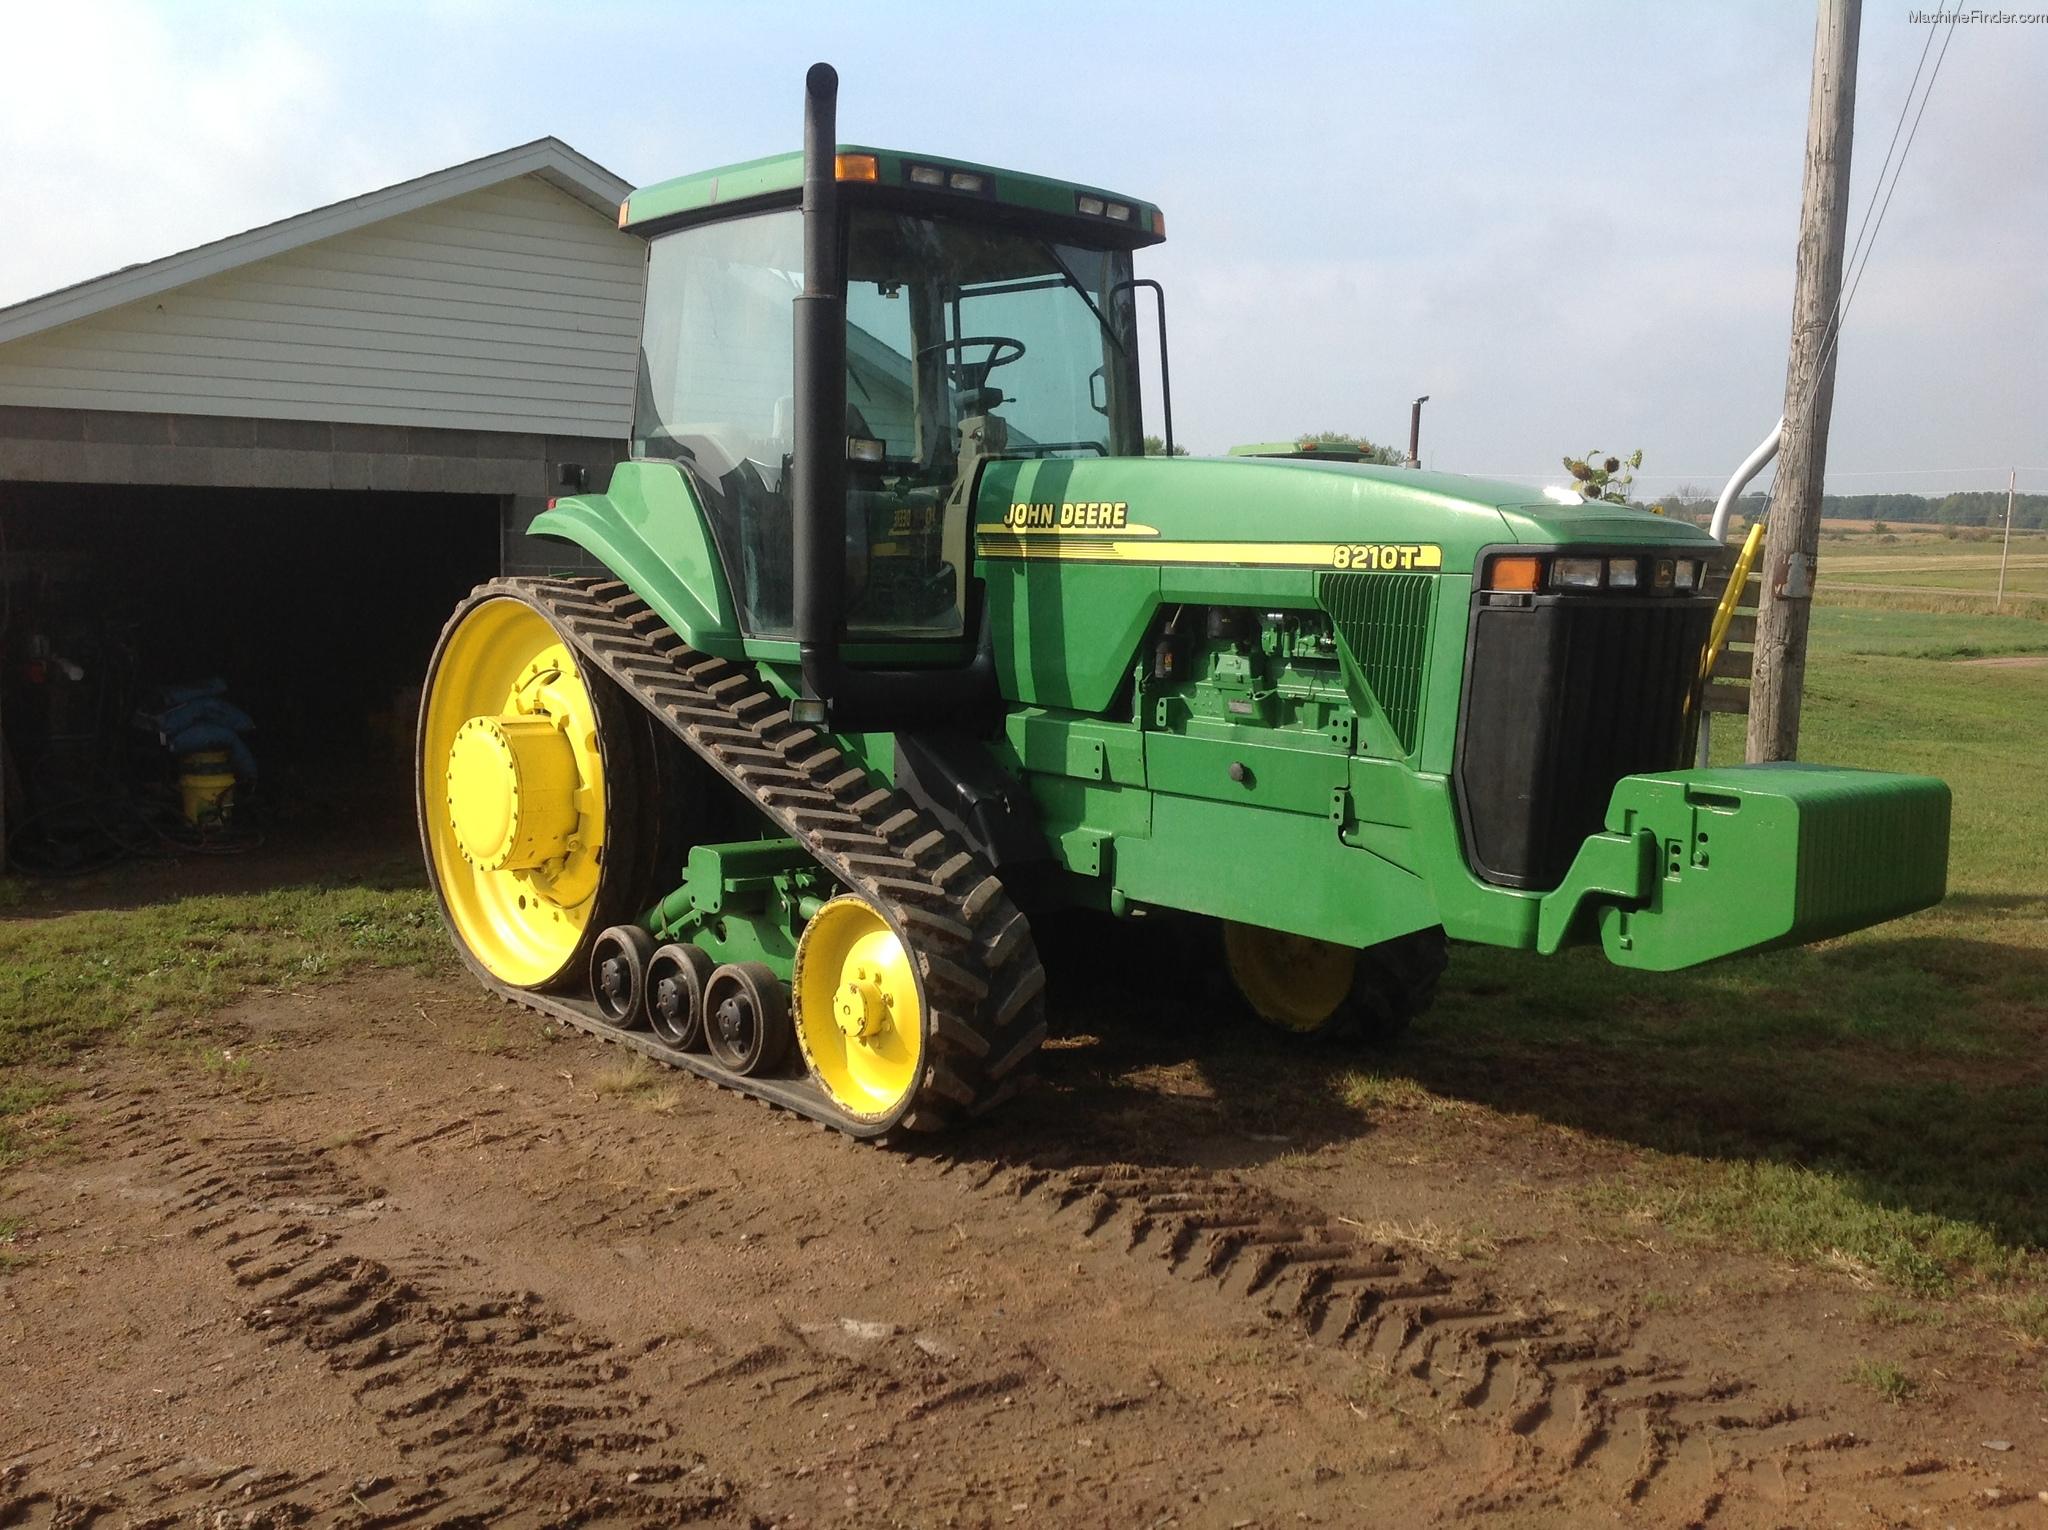 2001 John Deere 8210T Tractors - Row Crop (+100hp) - John ...